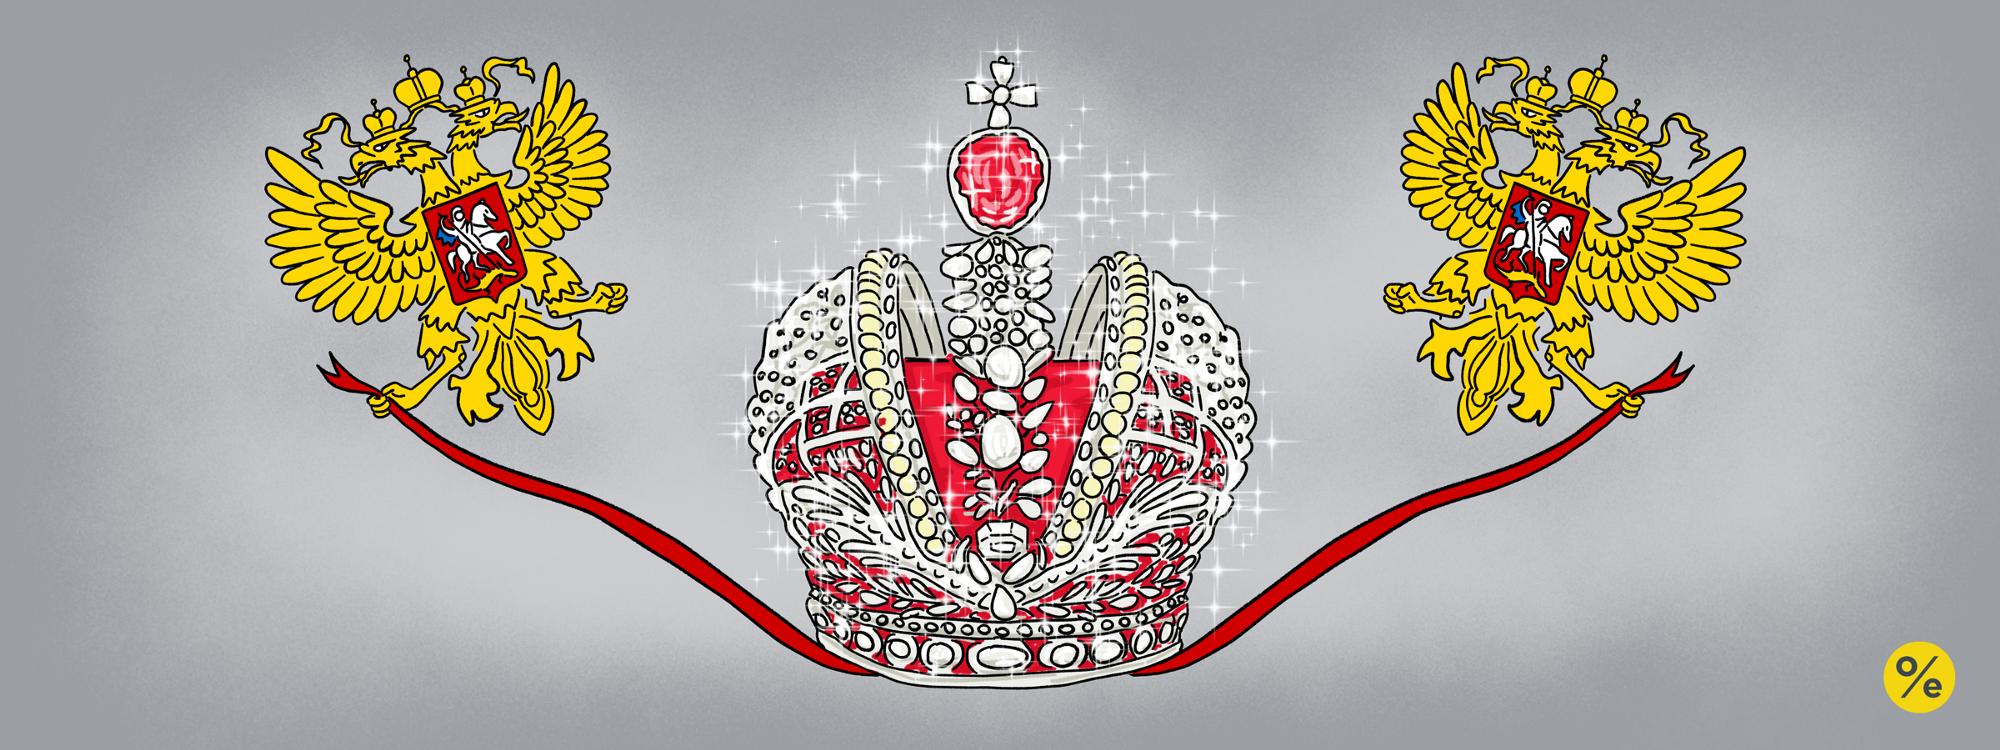 Ограничивает ли что-нибудь власть президента в России